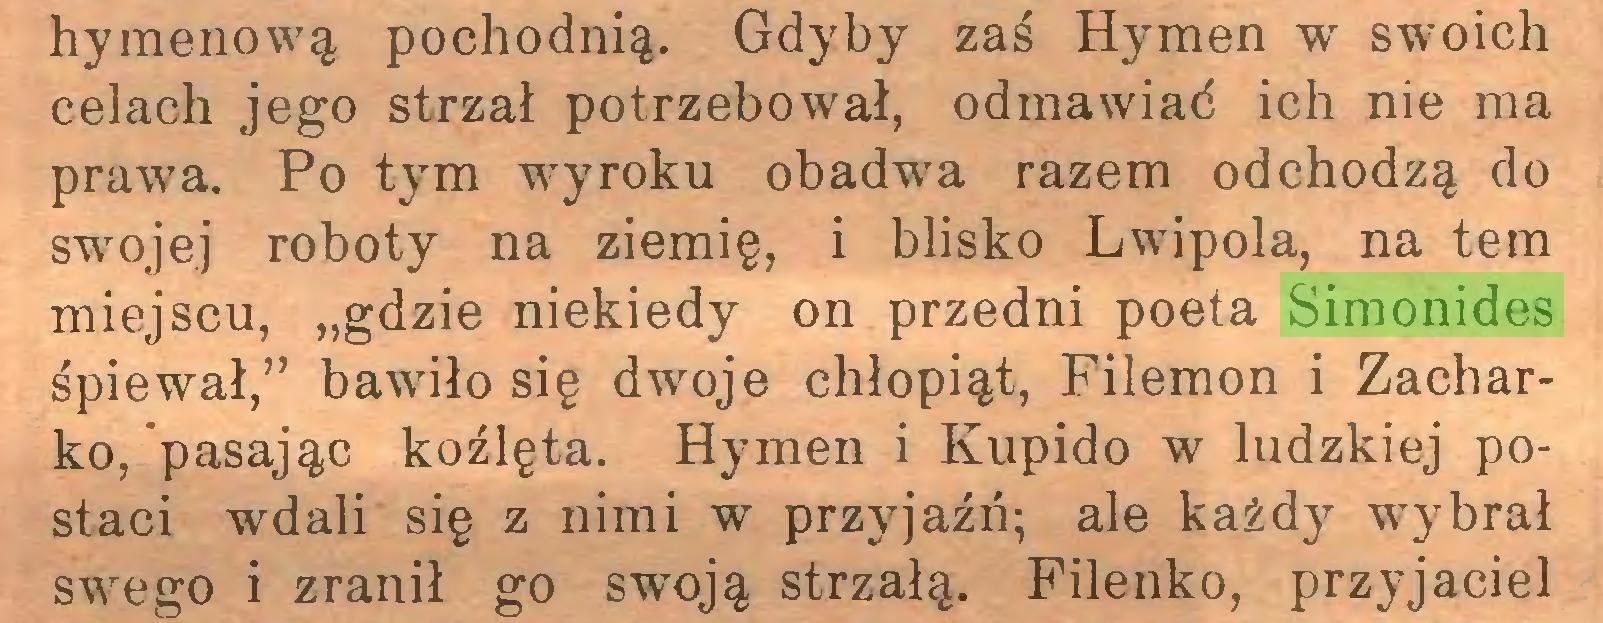 """(...) hymenową pochodnią. Gdyby zaś Hymen w swoich celach jego strzał potrzebował, odmawiać ich nie ma prawa. Po tym wyroku obadwa razem odchodzą do swojej roboty na ziemię, i blisko Lwipola, na tern miejscu, """"gdzie niekiedy on przedni poeta Simonides śpiewał,"""" bawiło się dwoje chłopiąt, Filemon i Zacharko, pasając koźlęta. Hymen i Kupido w ludzkiej postaci wdali się z nimi w przyjaźń; ale każdy wybrał swego i zranił go swoją strzałą. Filenko, przyjaciel..."""